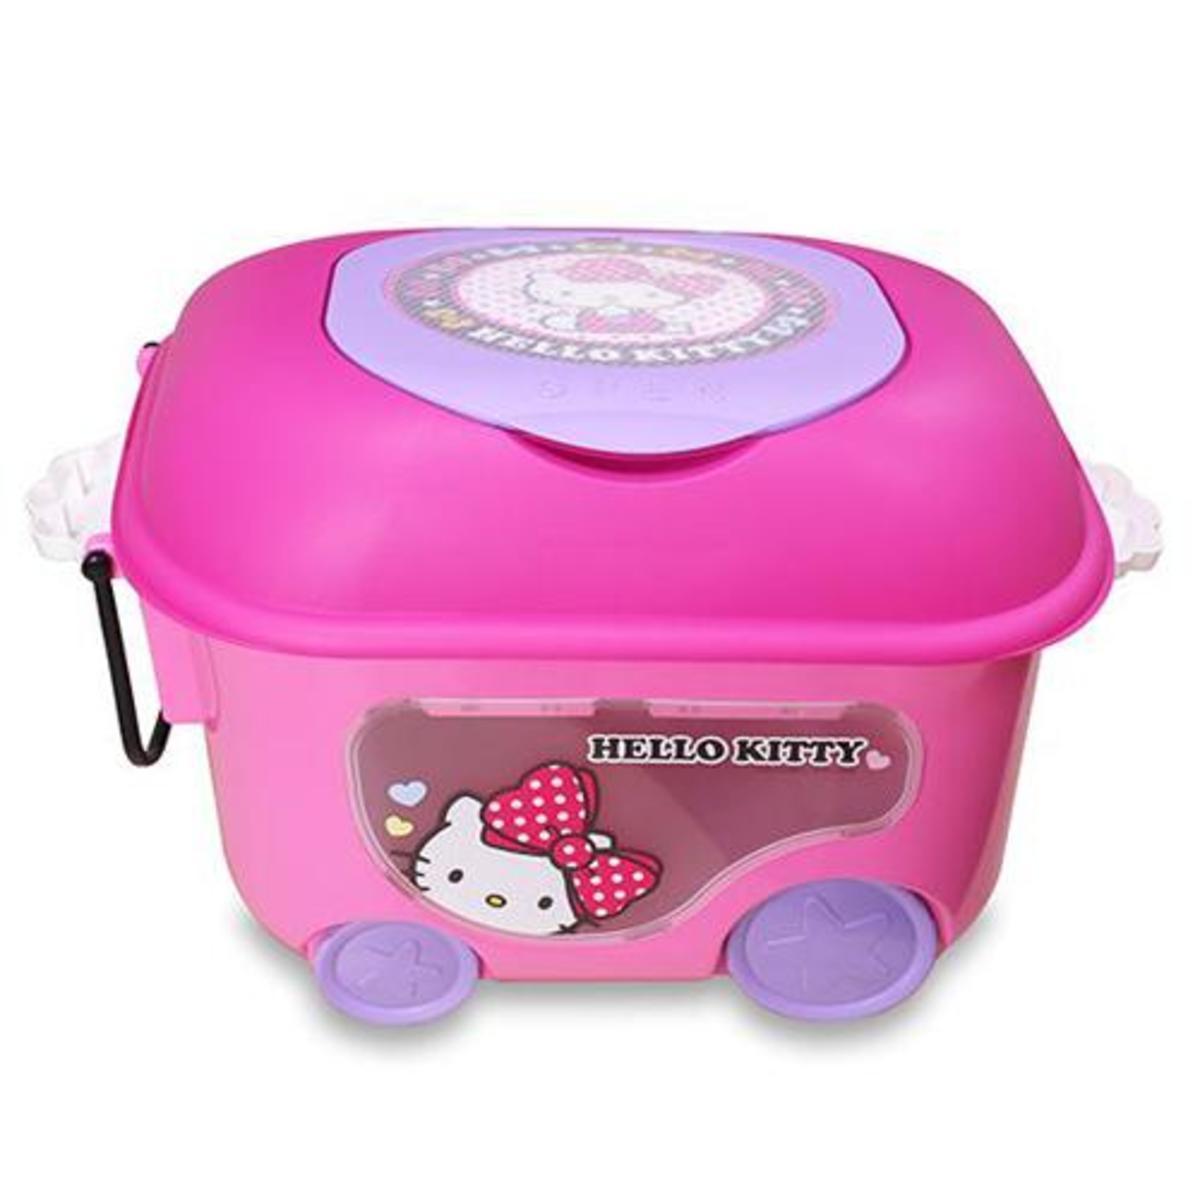 HELLO KITTY STORAGE BOX WITH WHEELS (58x45x38cm)